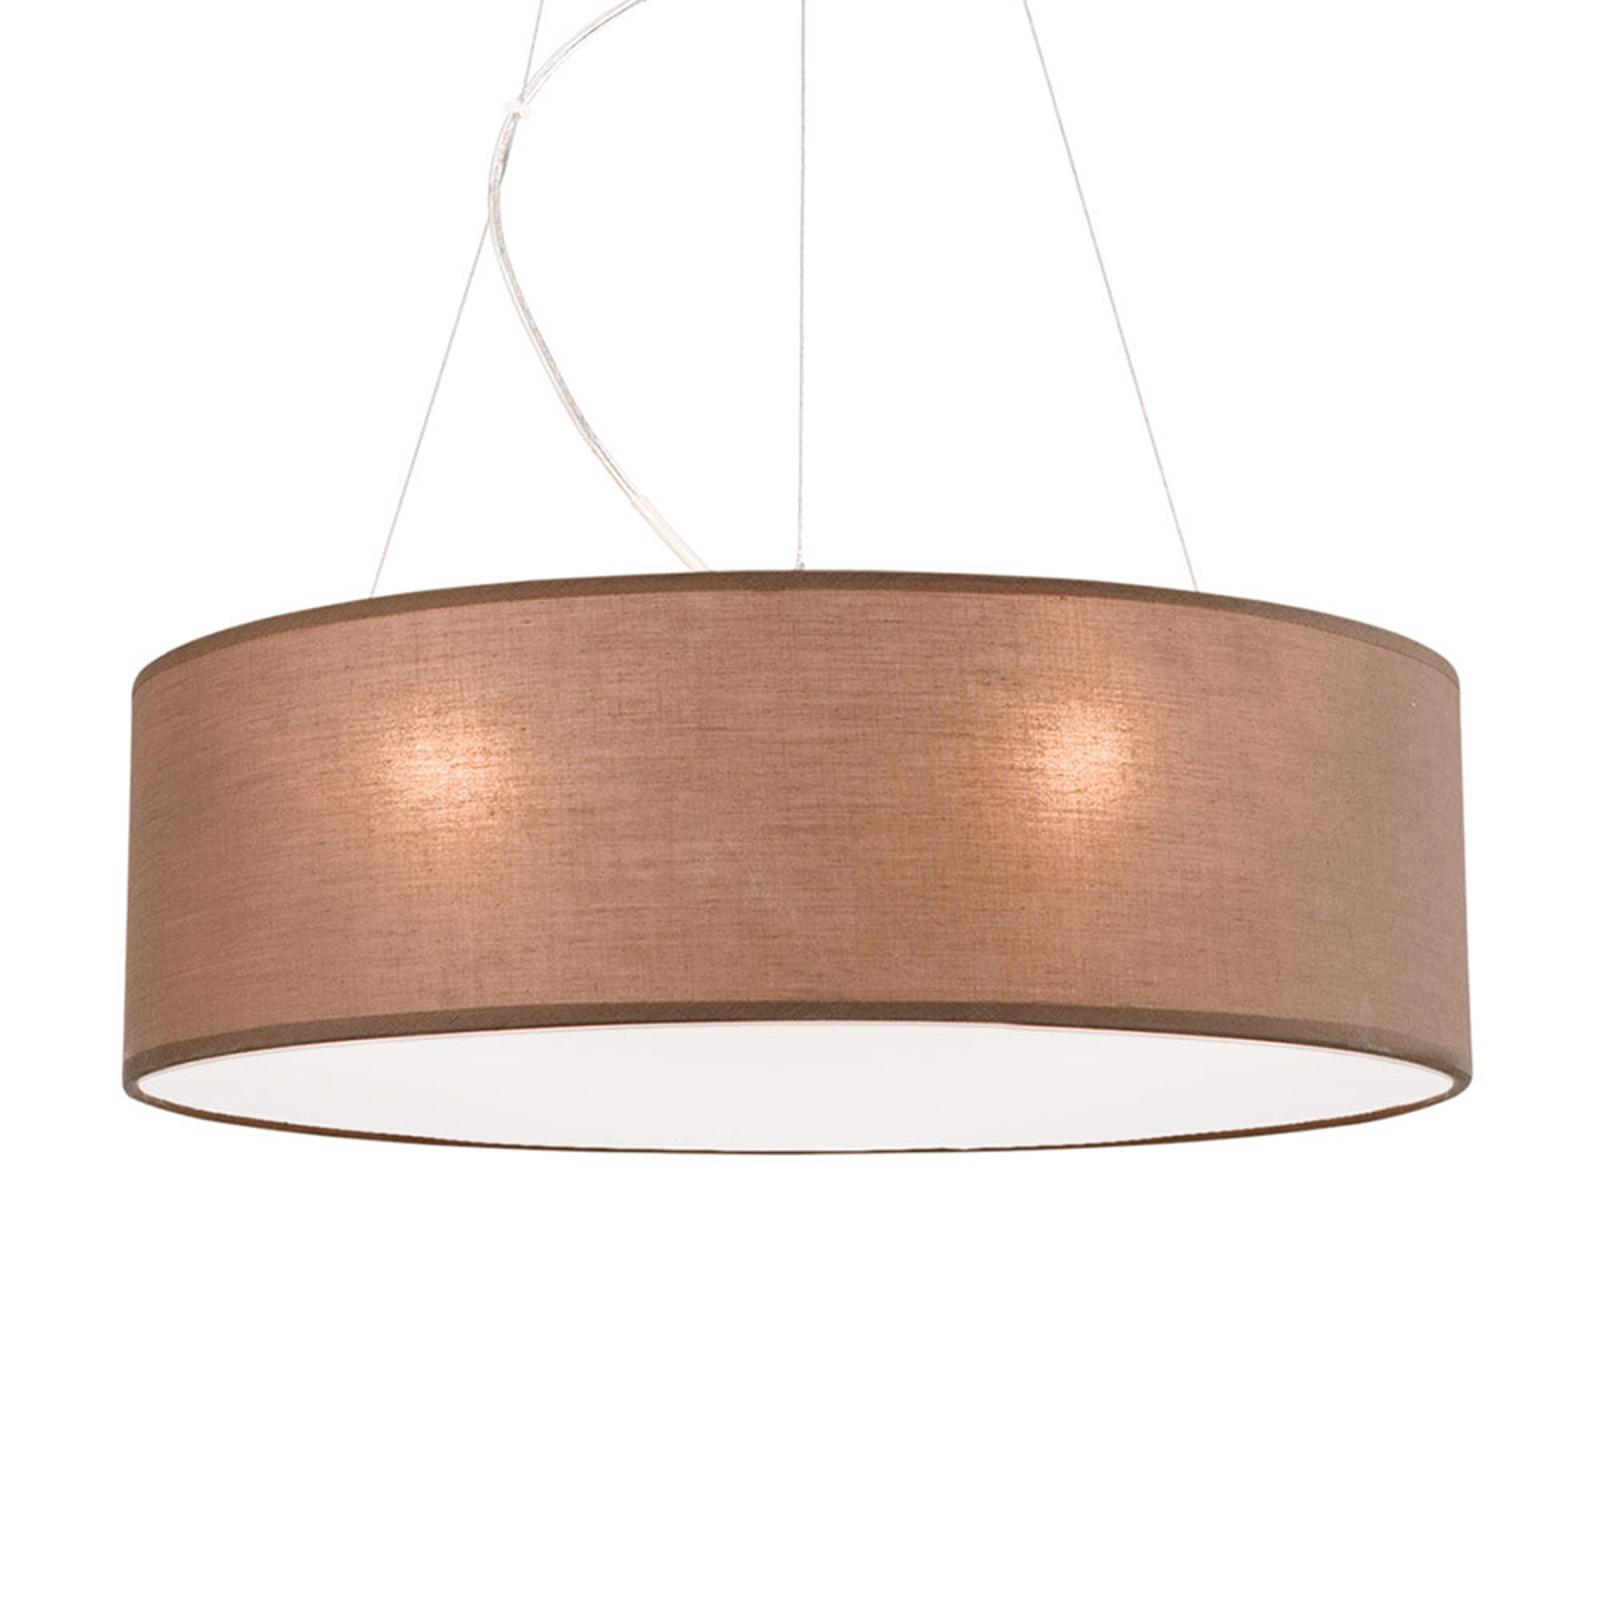 Bruine hanglamp Ufo met linnen kap